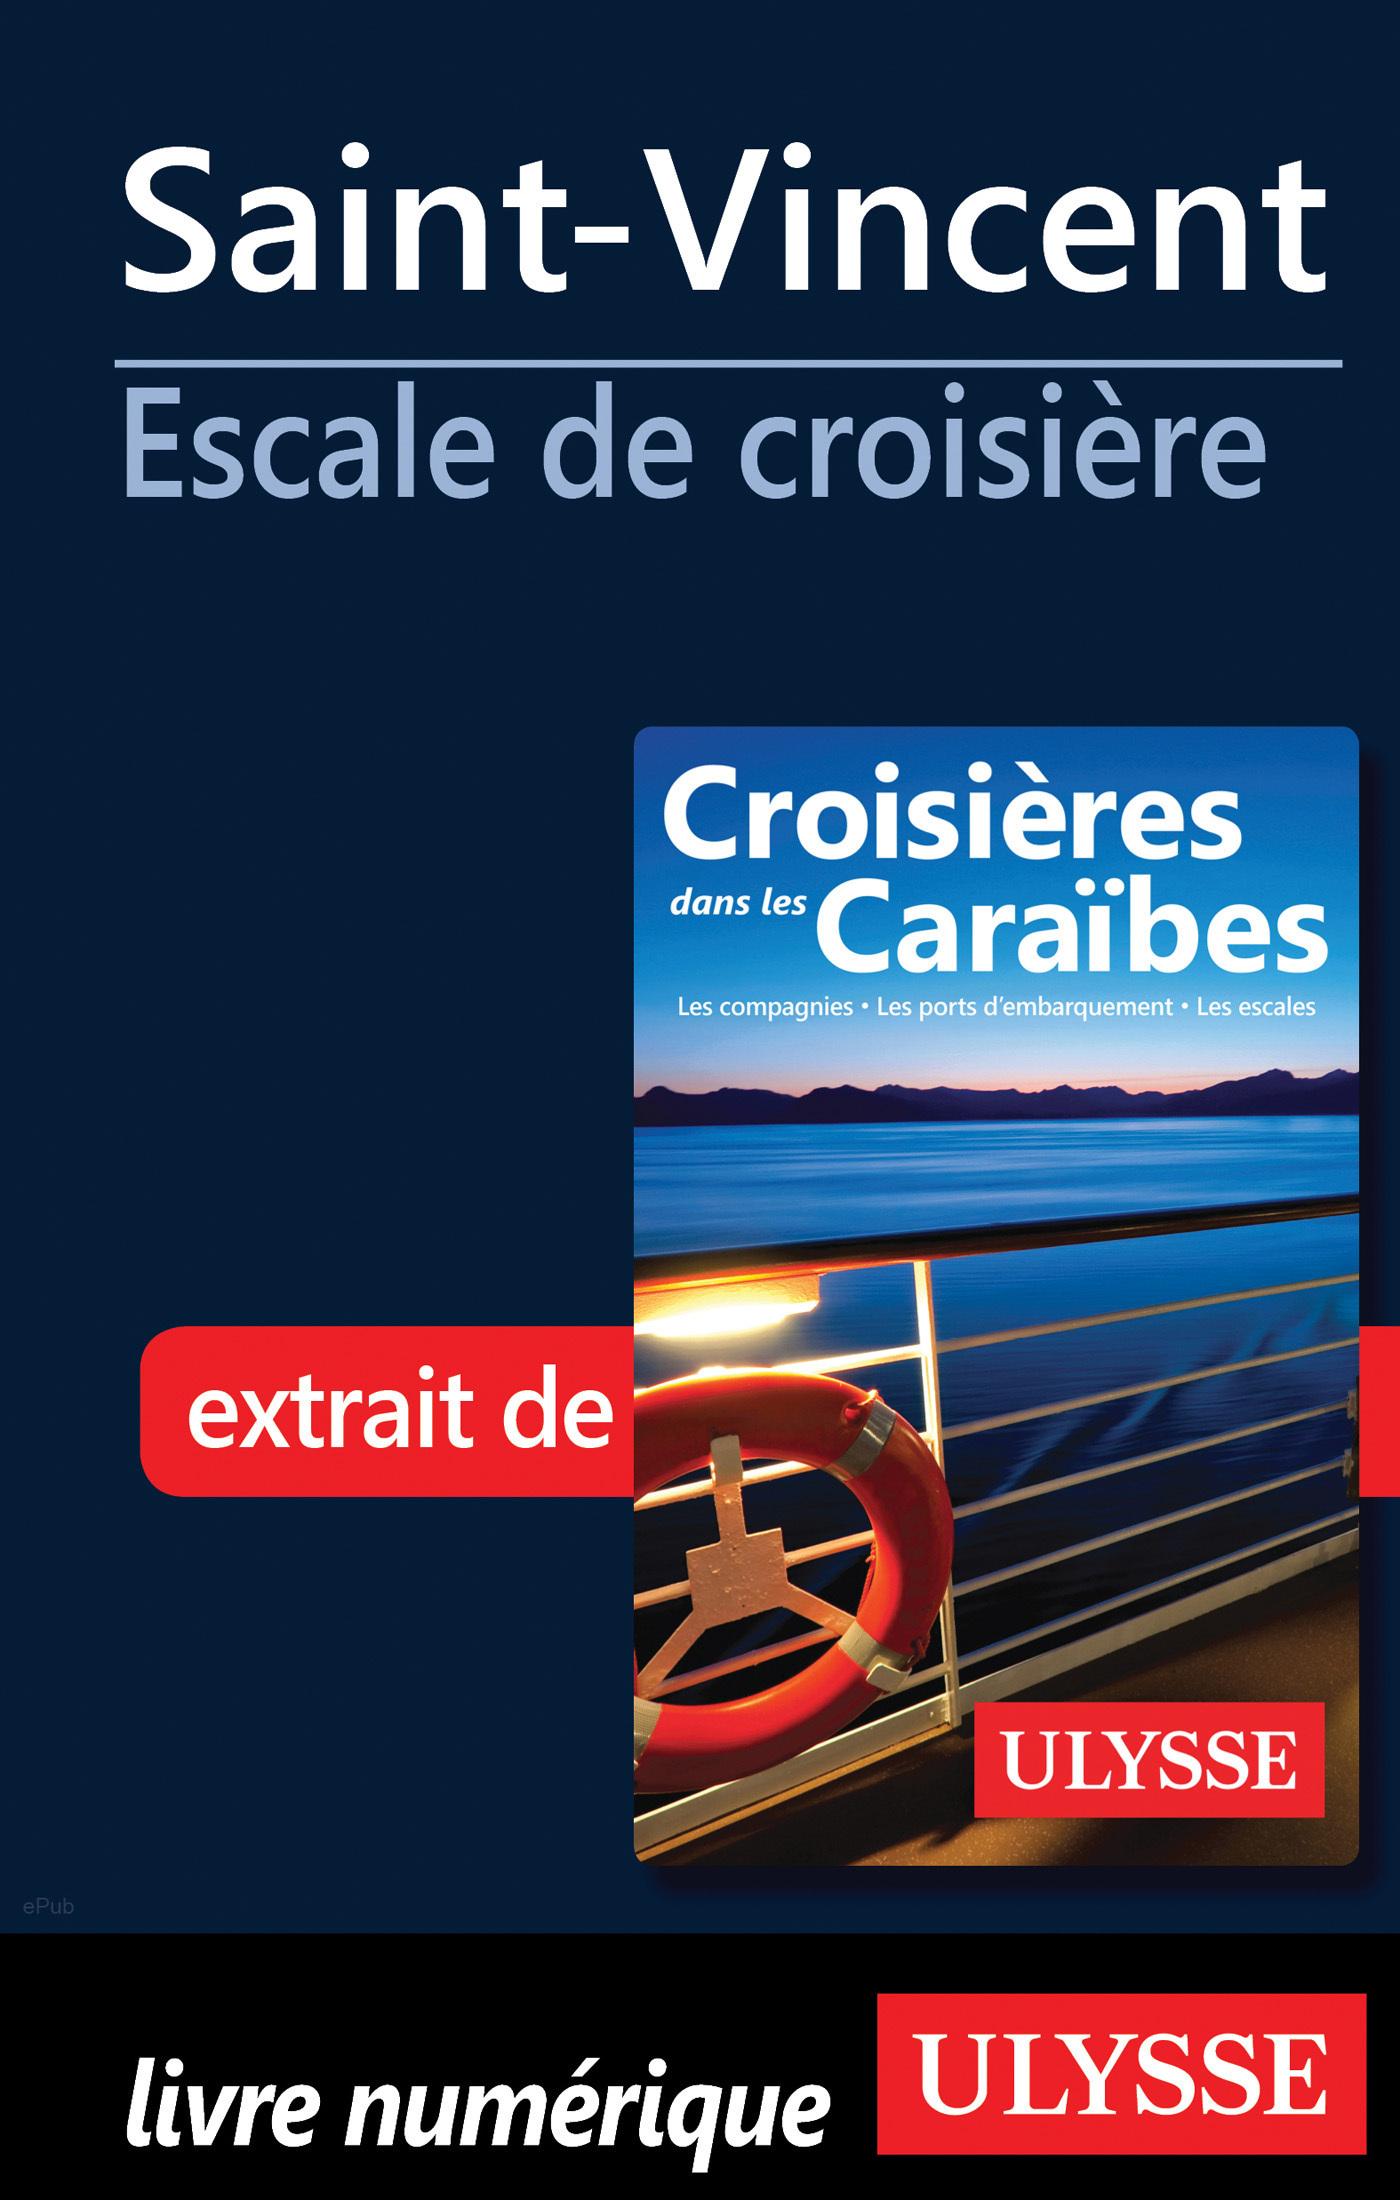 Saint-Vincent - Escale de croisière